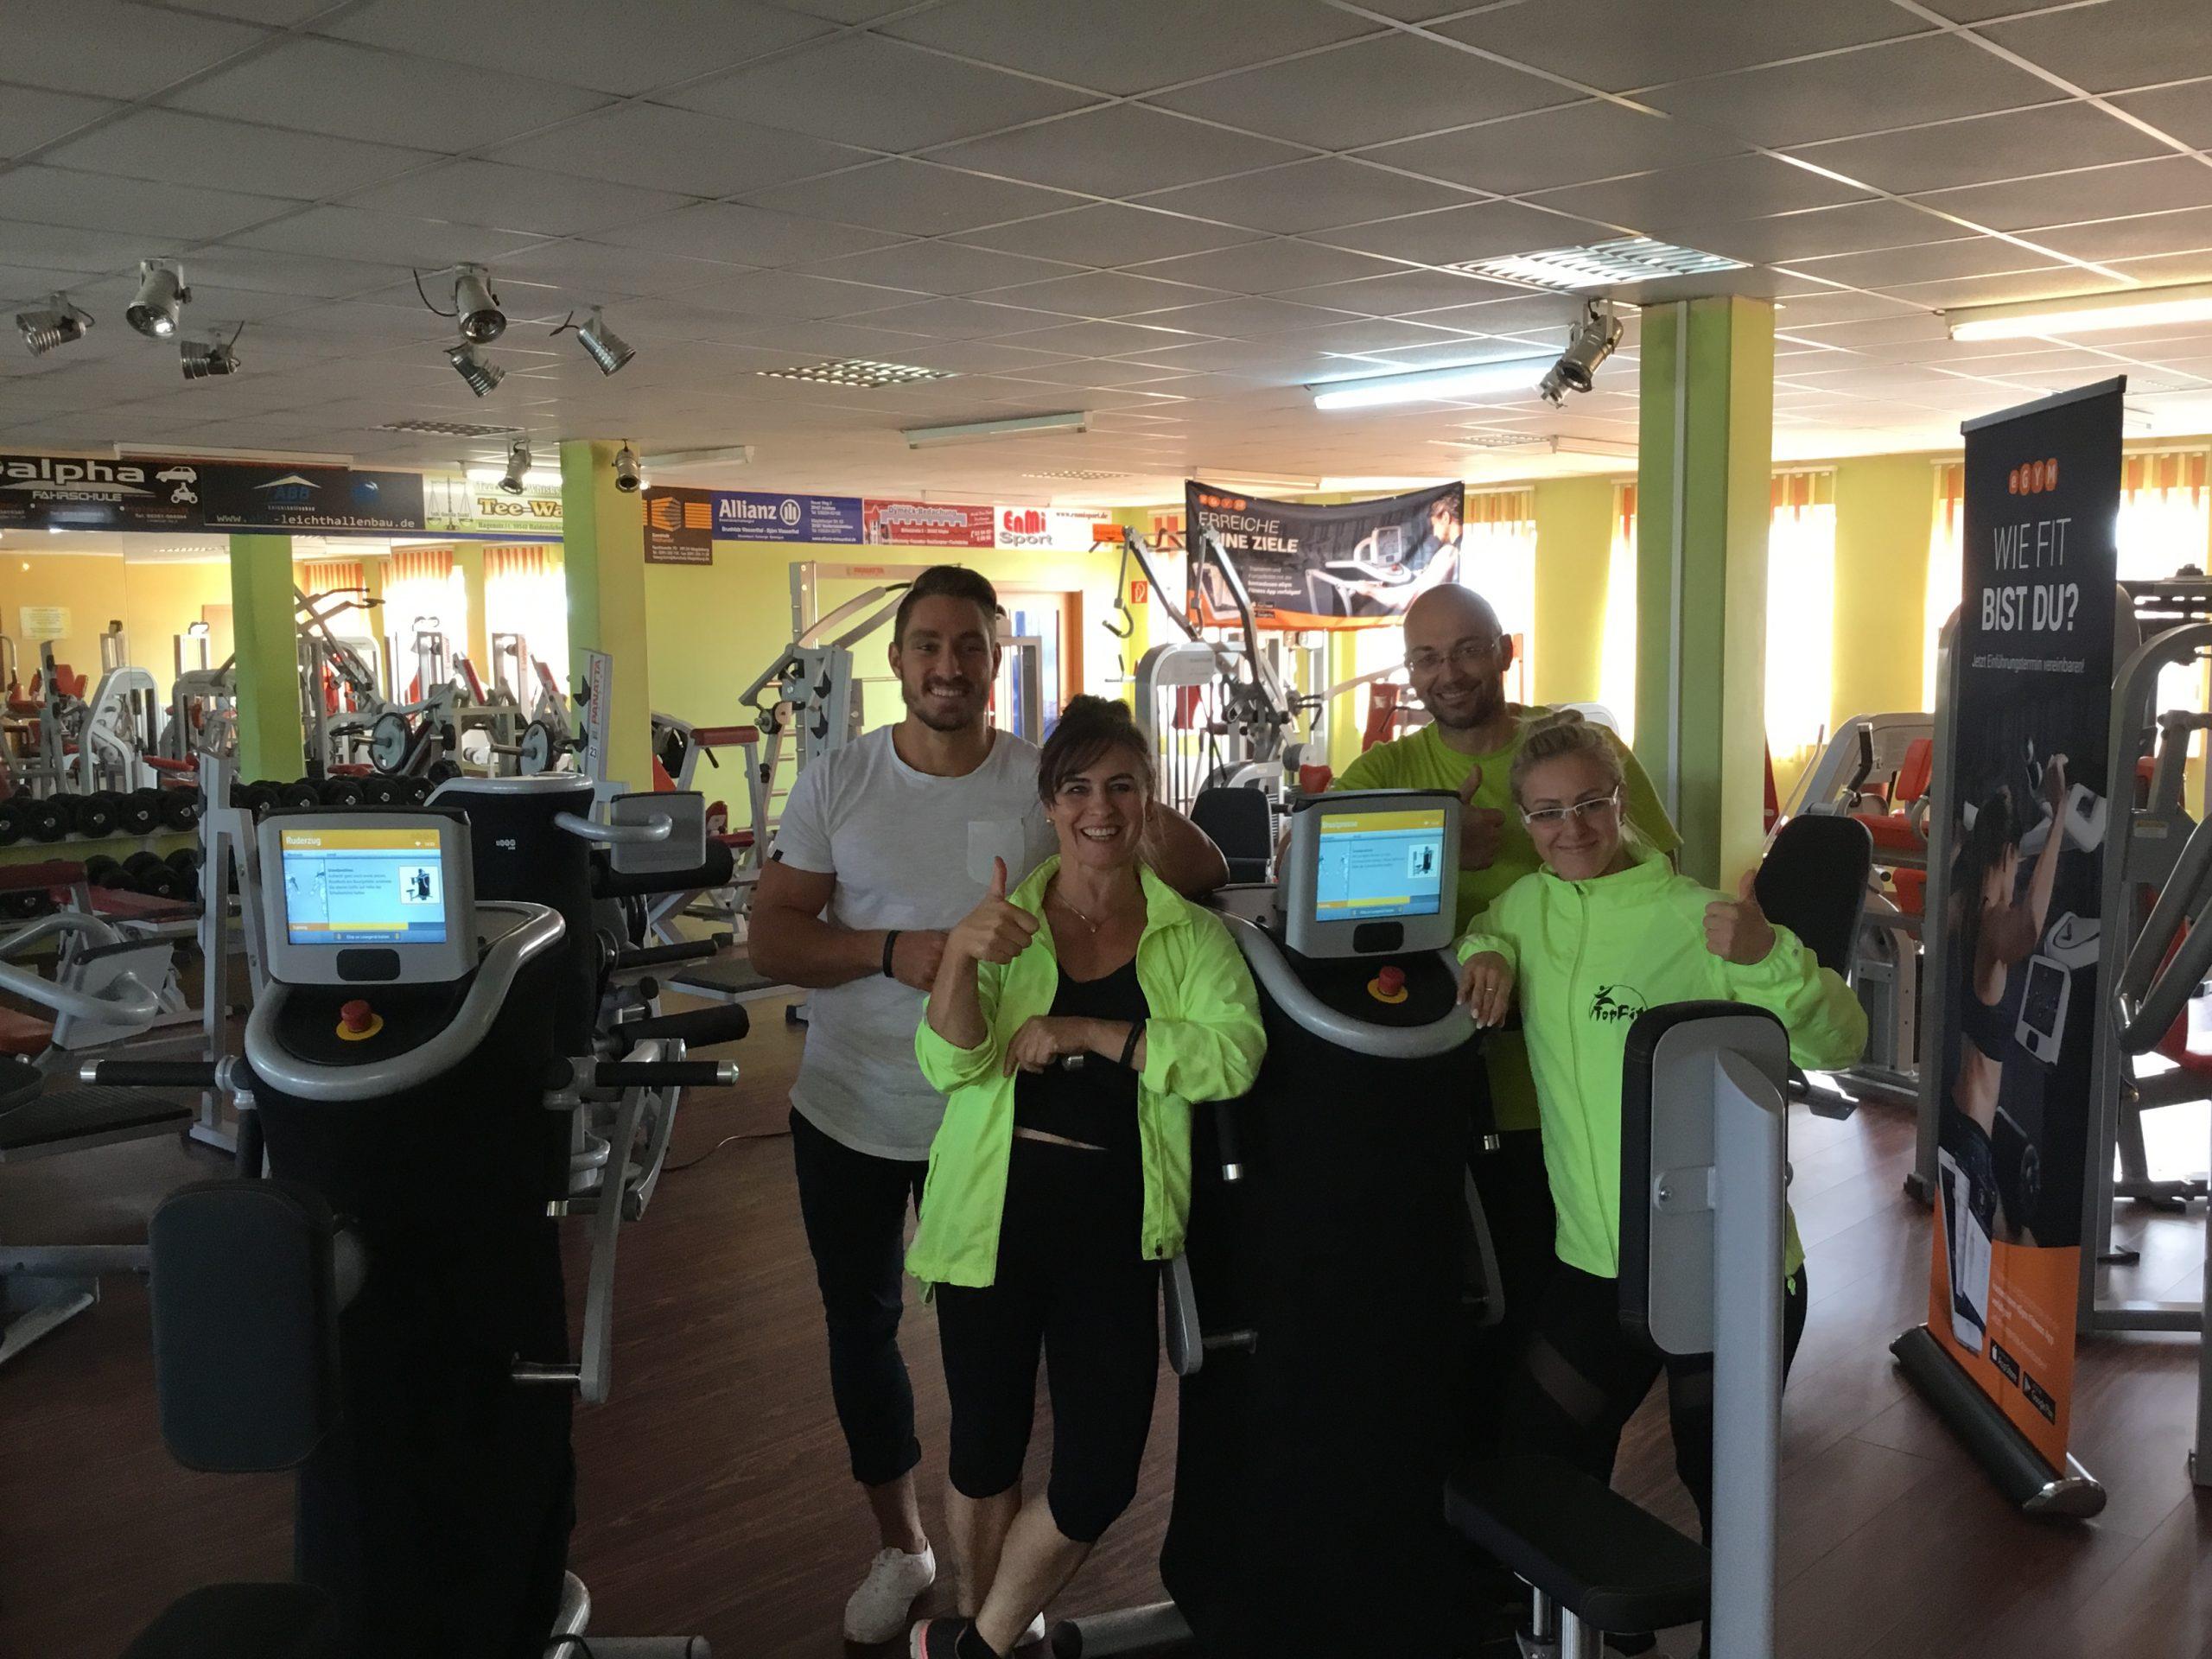 Unser Fitness-& Gesundheitsstudio bietet eine Vielzahl von Kursen, von Bodyworkout's, über Yoga, Pilates, Step bis hin zu Langhantelworkout